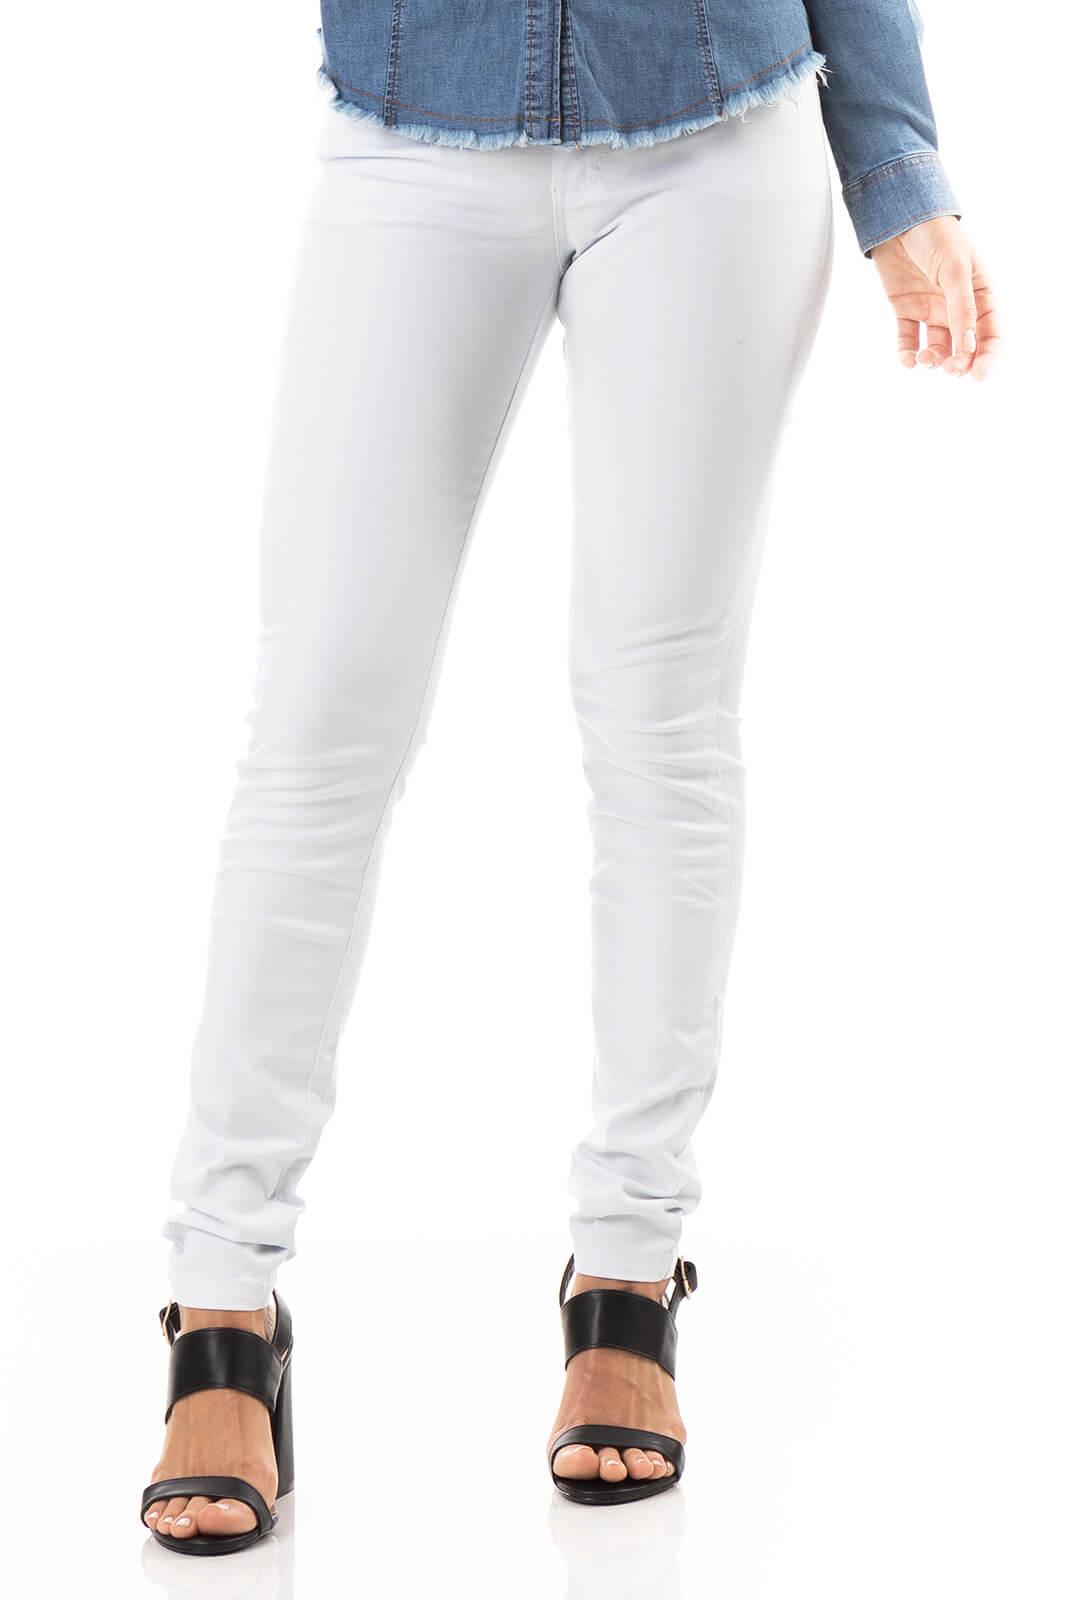 Calça Feminina Sarja Branca Impermeável